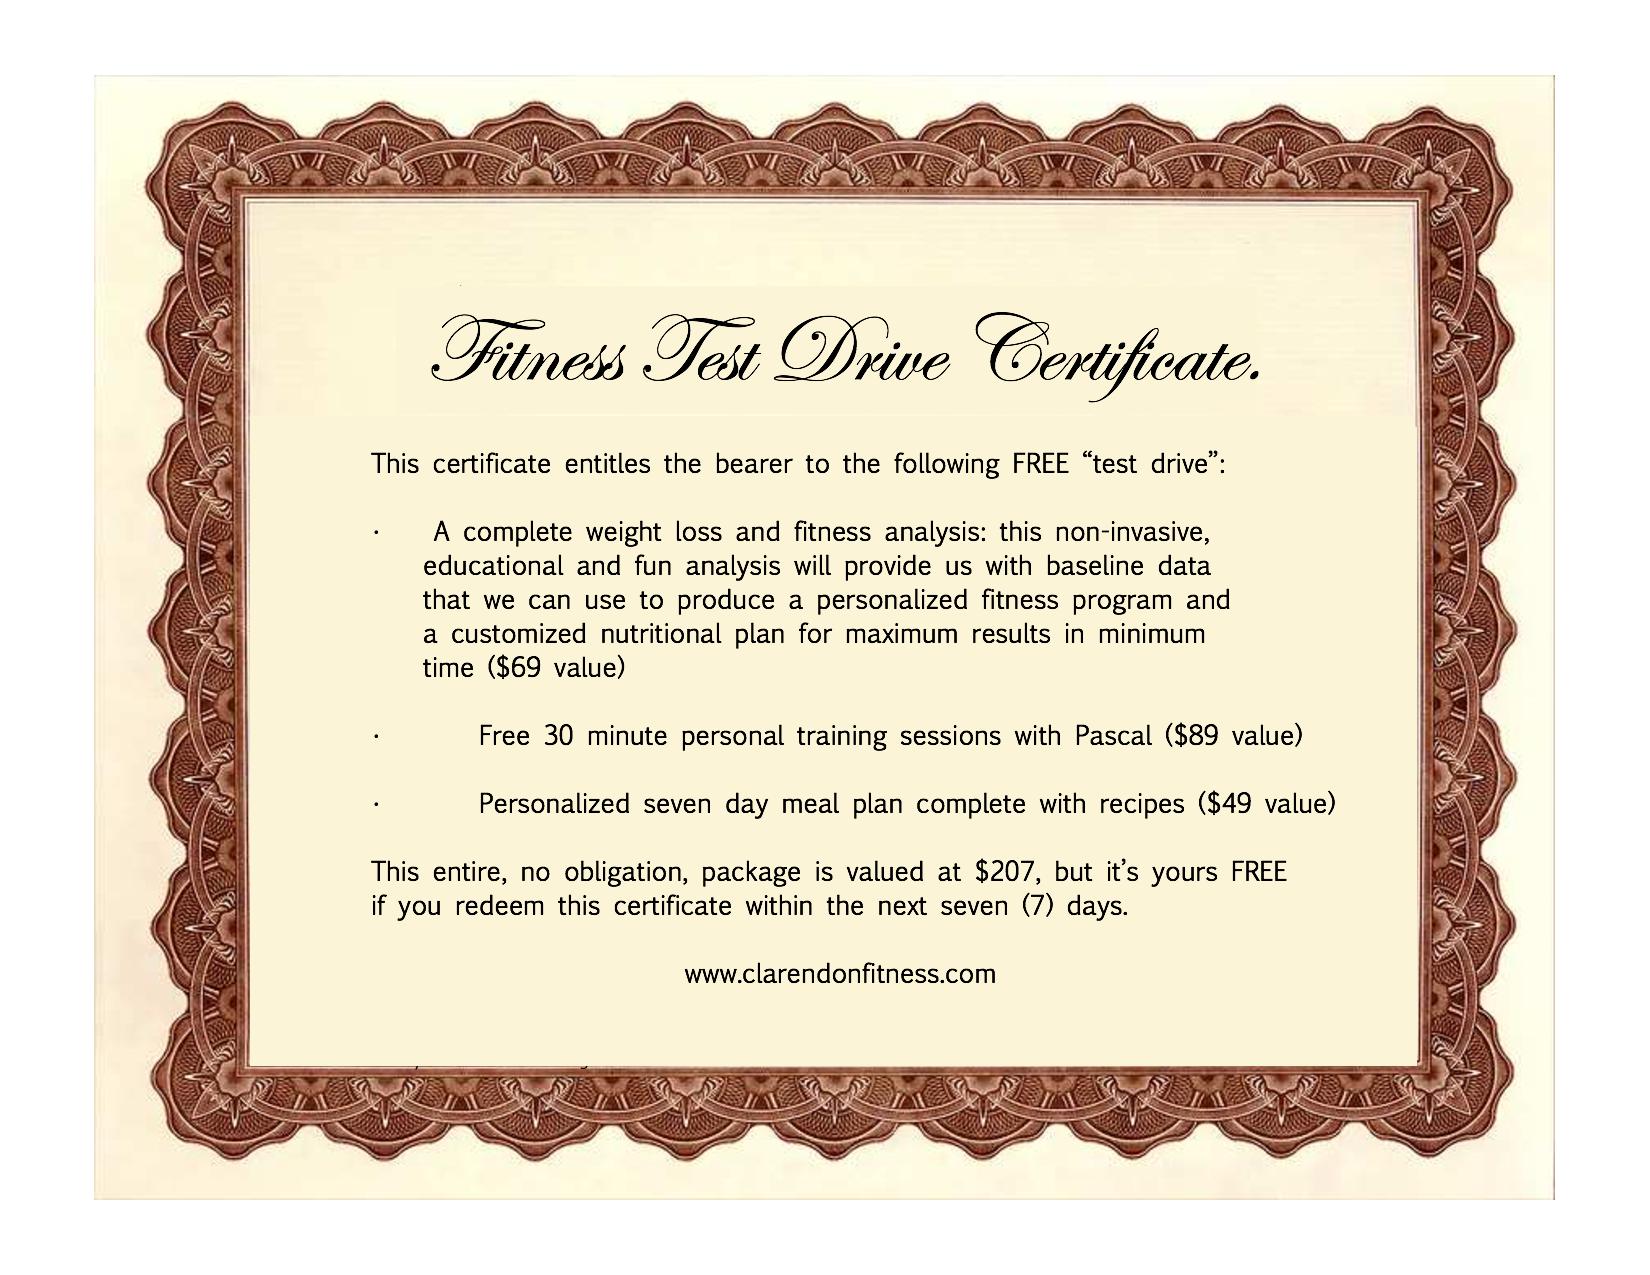 2014.03.01-test-drive-certificate